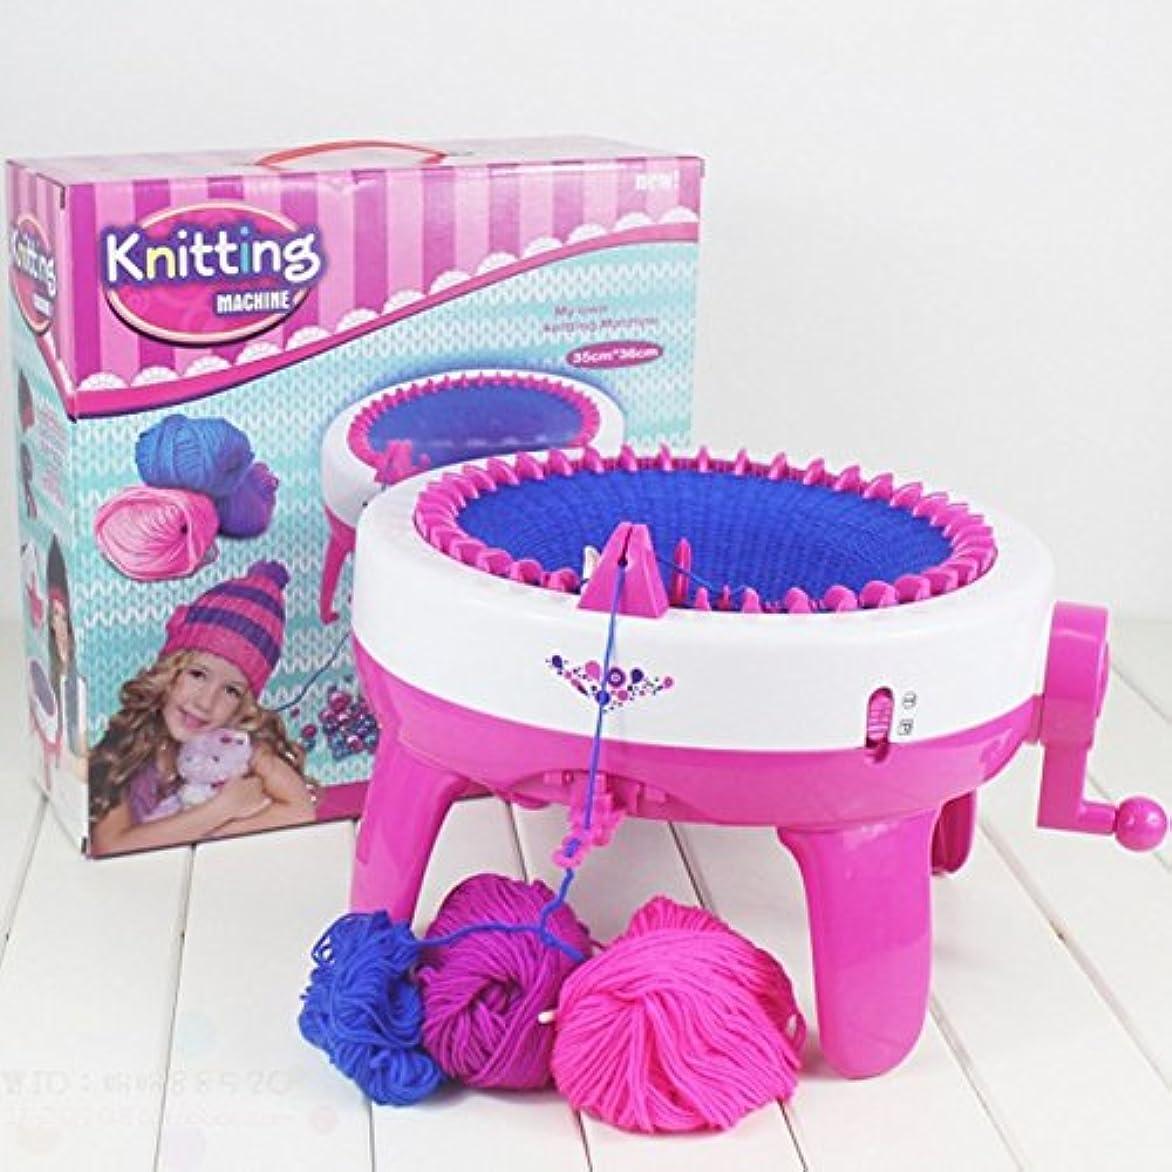 ずらす潜水艦切るSaikogoods おかしいデザイン子供女の子編機DIYマニュアル帽子スカーフ編み機ニットセーターのおもちゃ子供のための ピンク&ホワイト